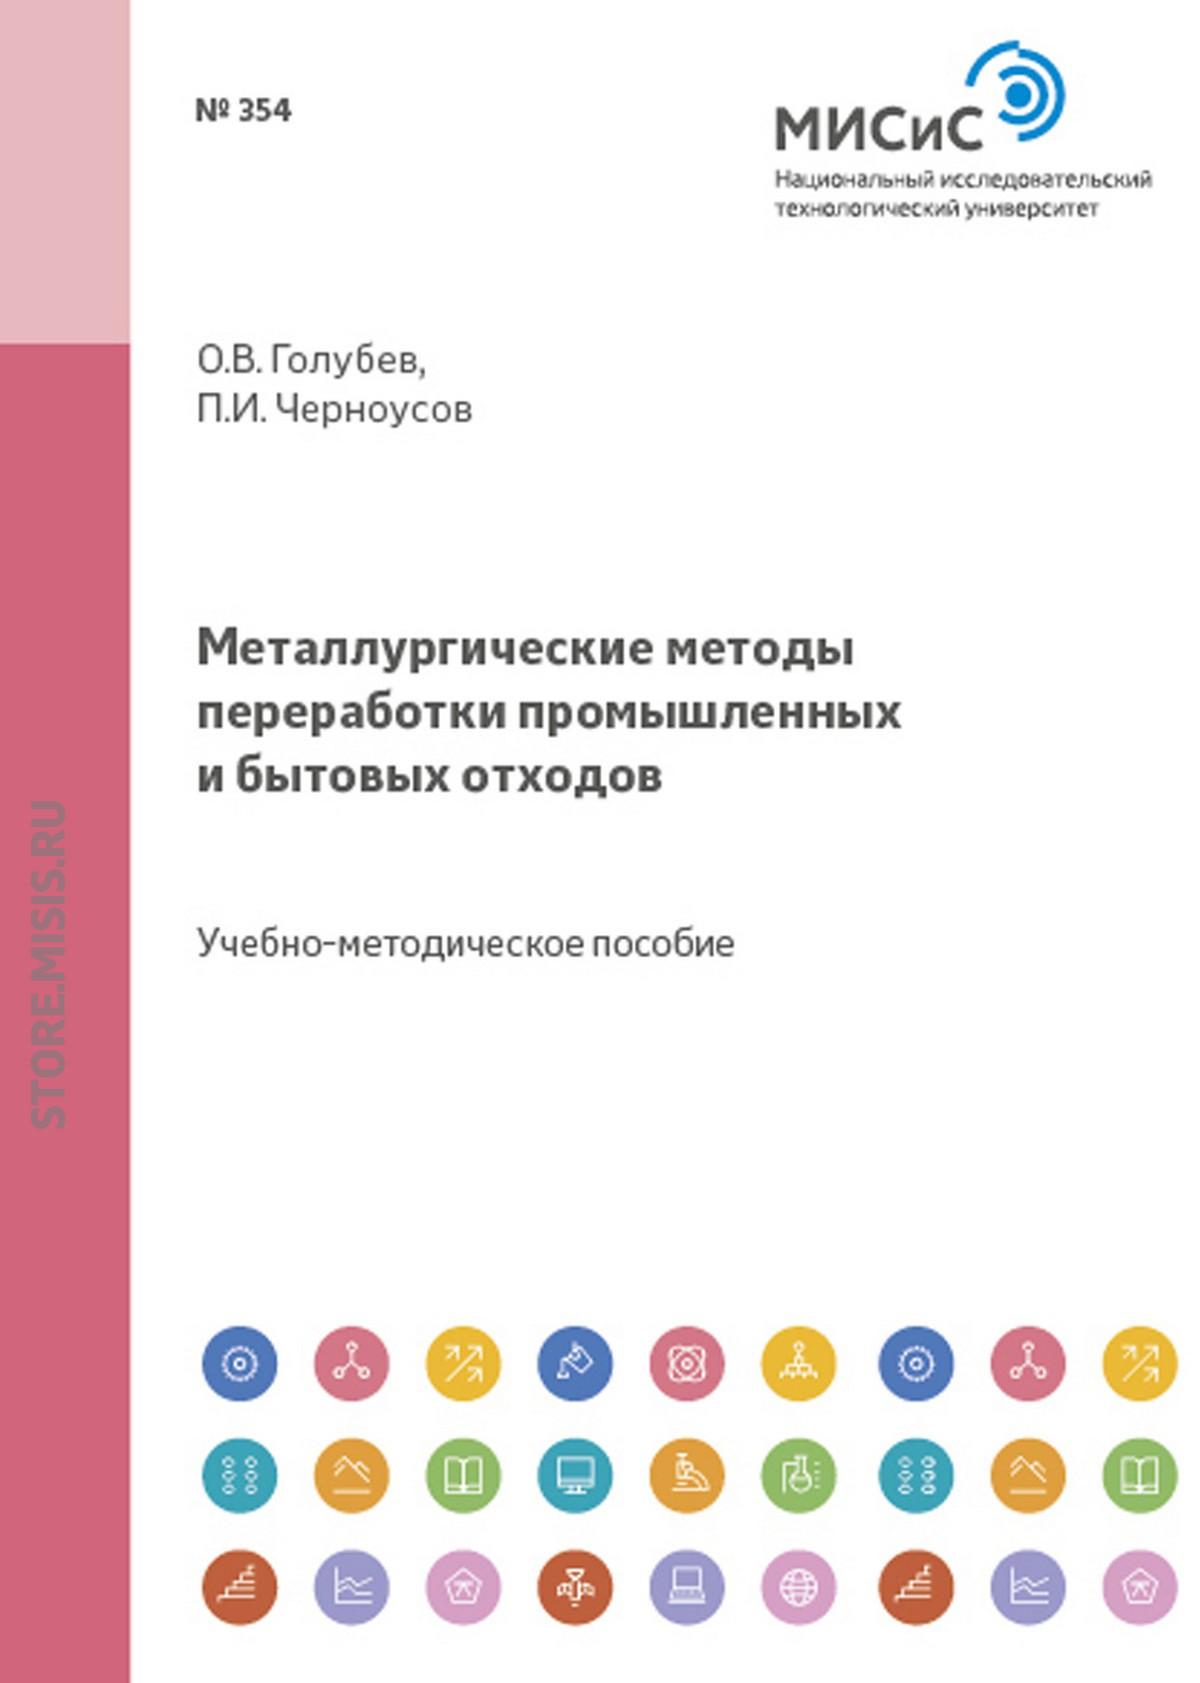 Павел Черноусов Металлургические методы переработки промышленных и бытовых отходов. Часть 2. Особые виды твердых бытовых отходов